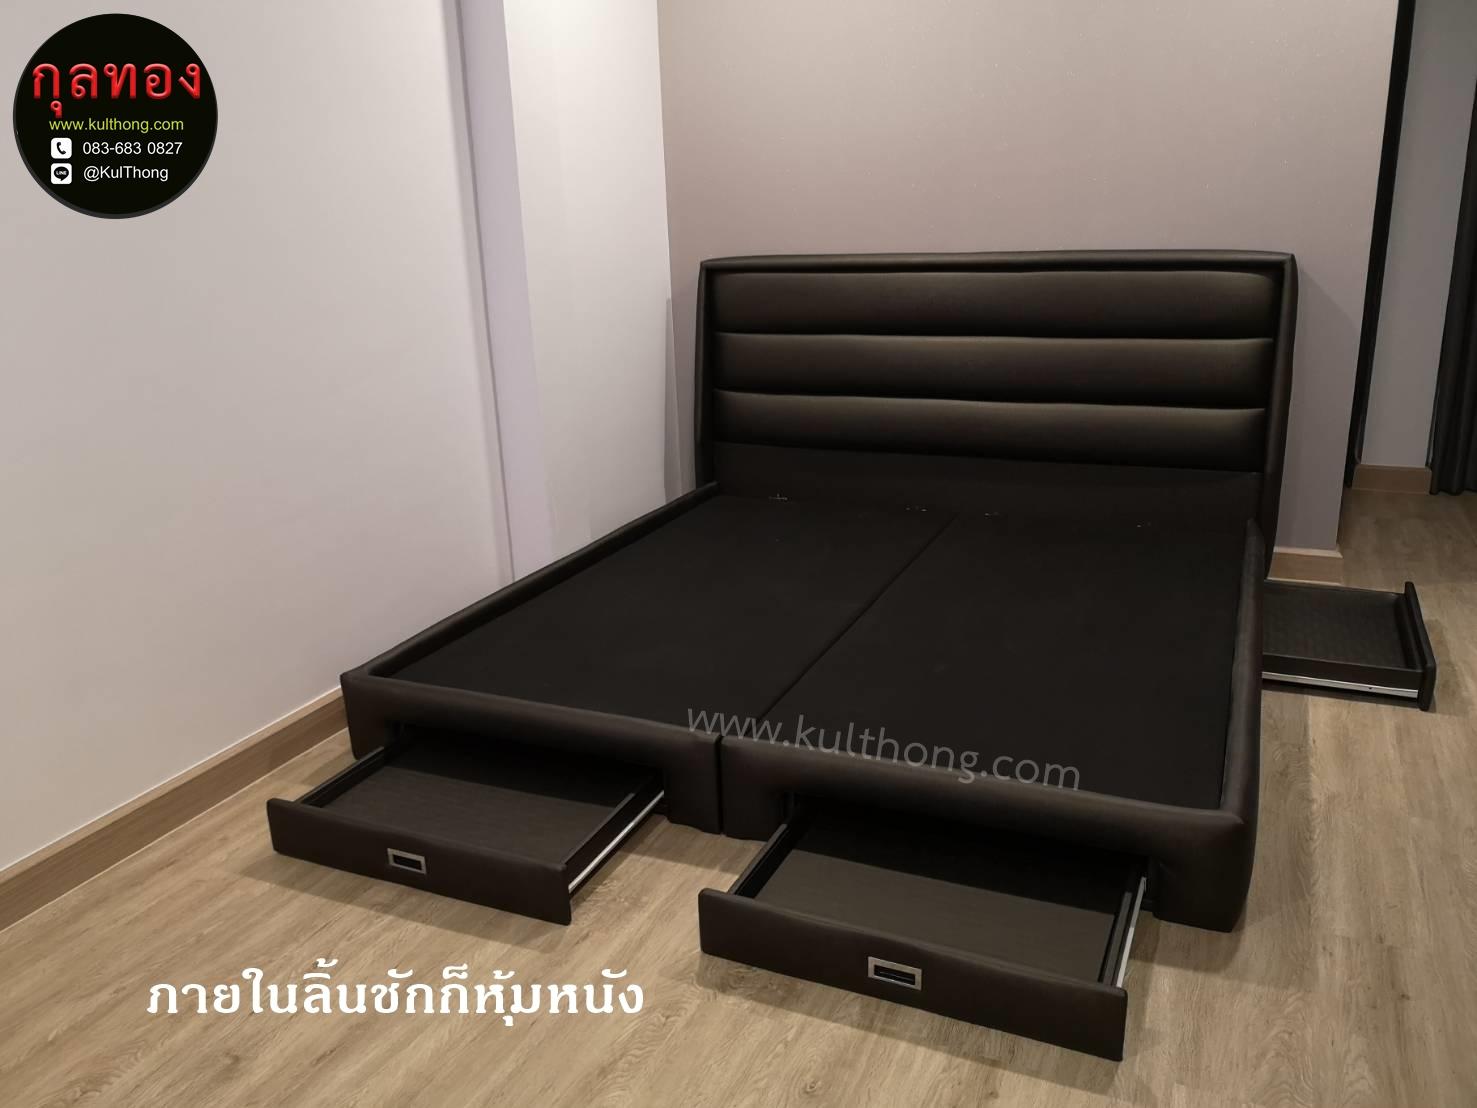 เตียงลิ้นชักหุ้มหนัง เตียงสั่งผลิต เตียงปรับขนาด